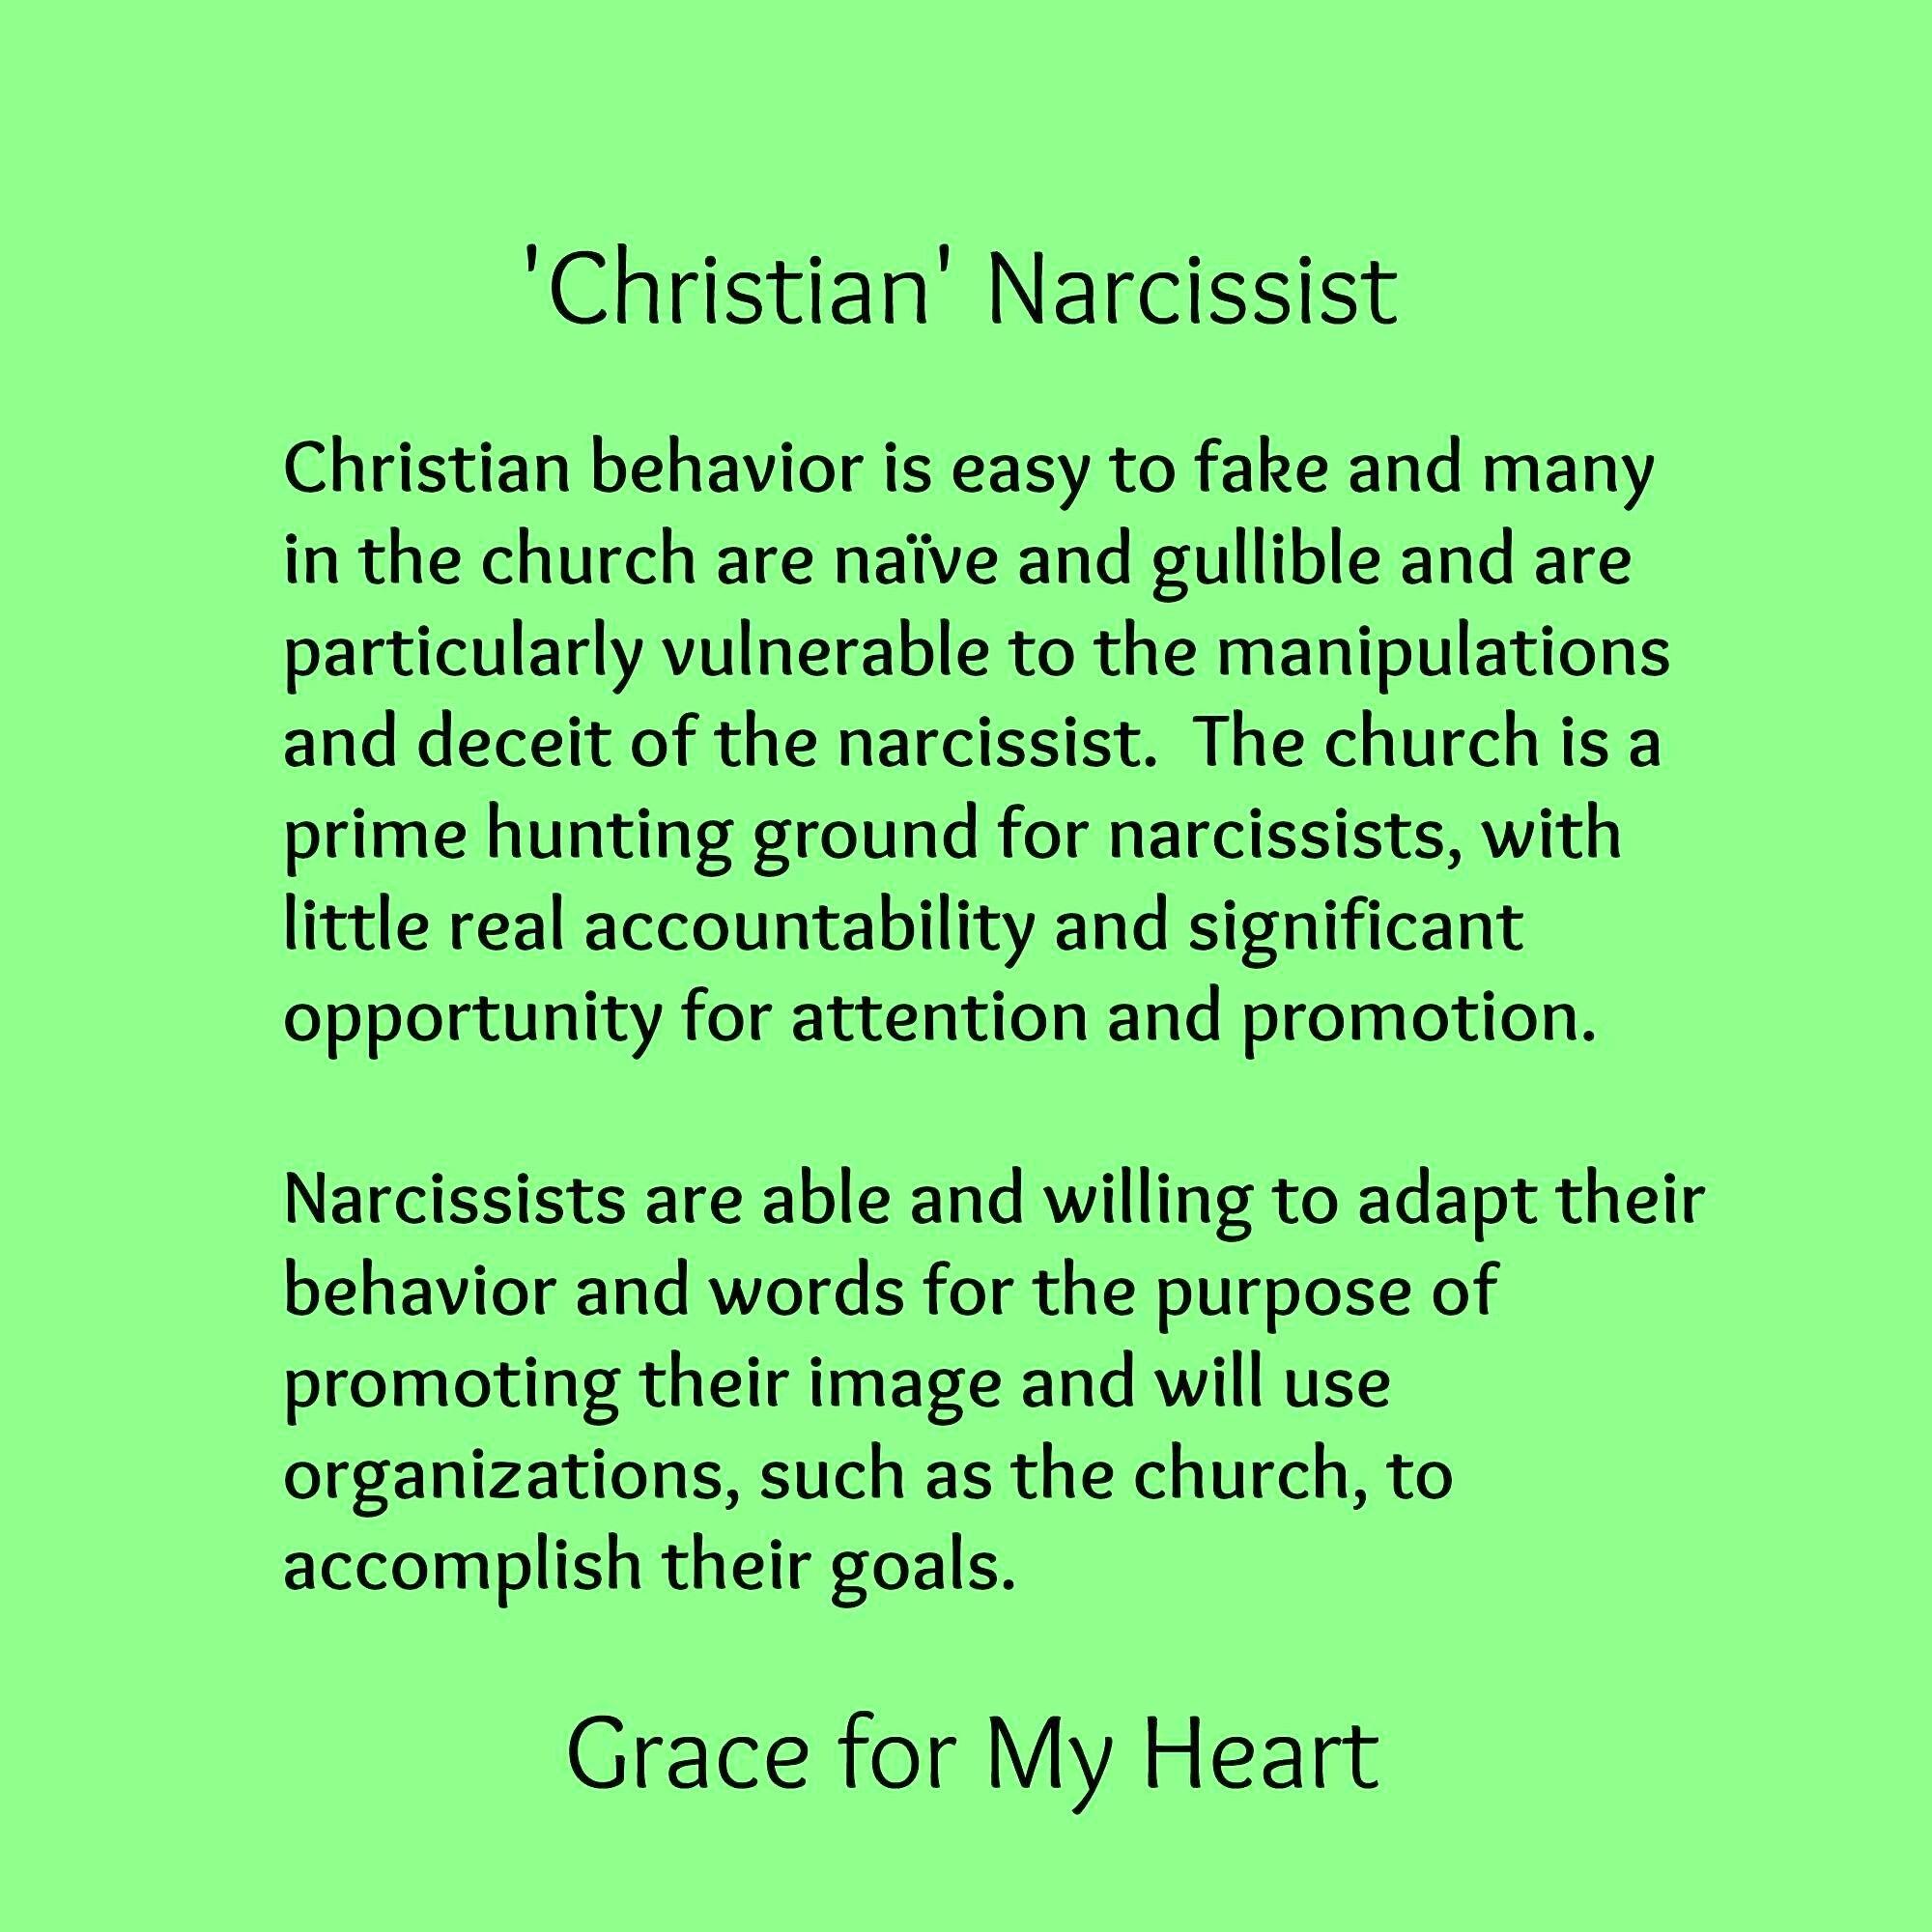 9e7745ae02e1759334b62d7fa9461fa6 christian narcissist christian behavior is easy to fake & many